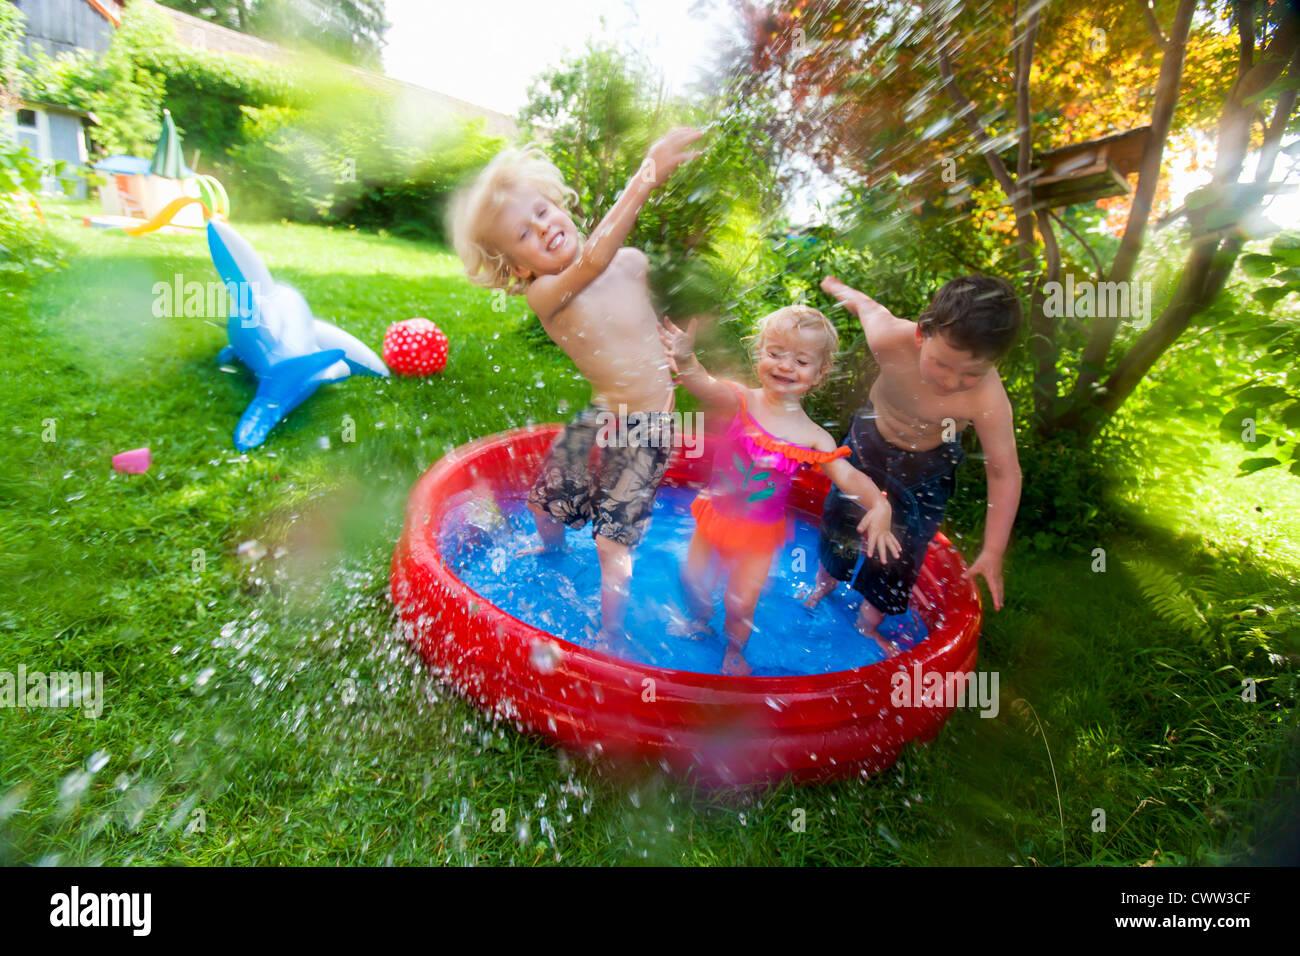 Children splashing in paddling pool - Stock Image